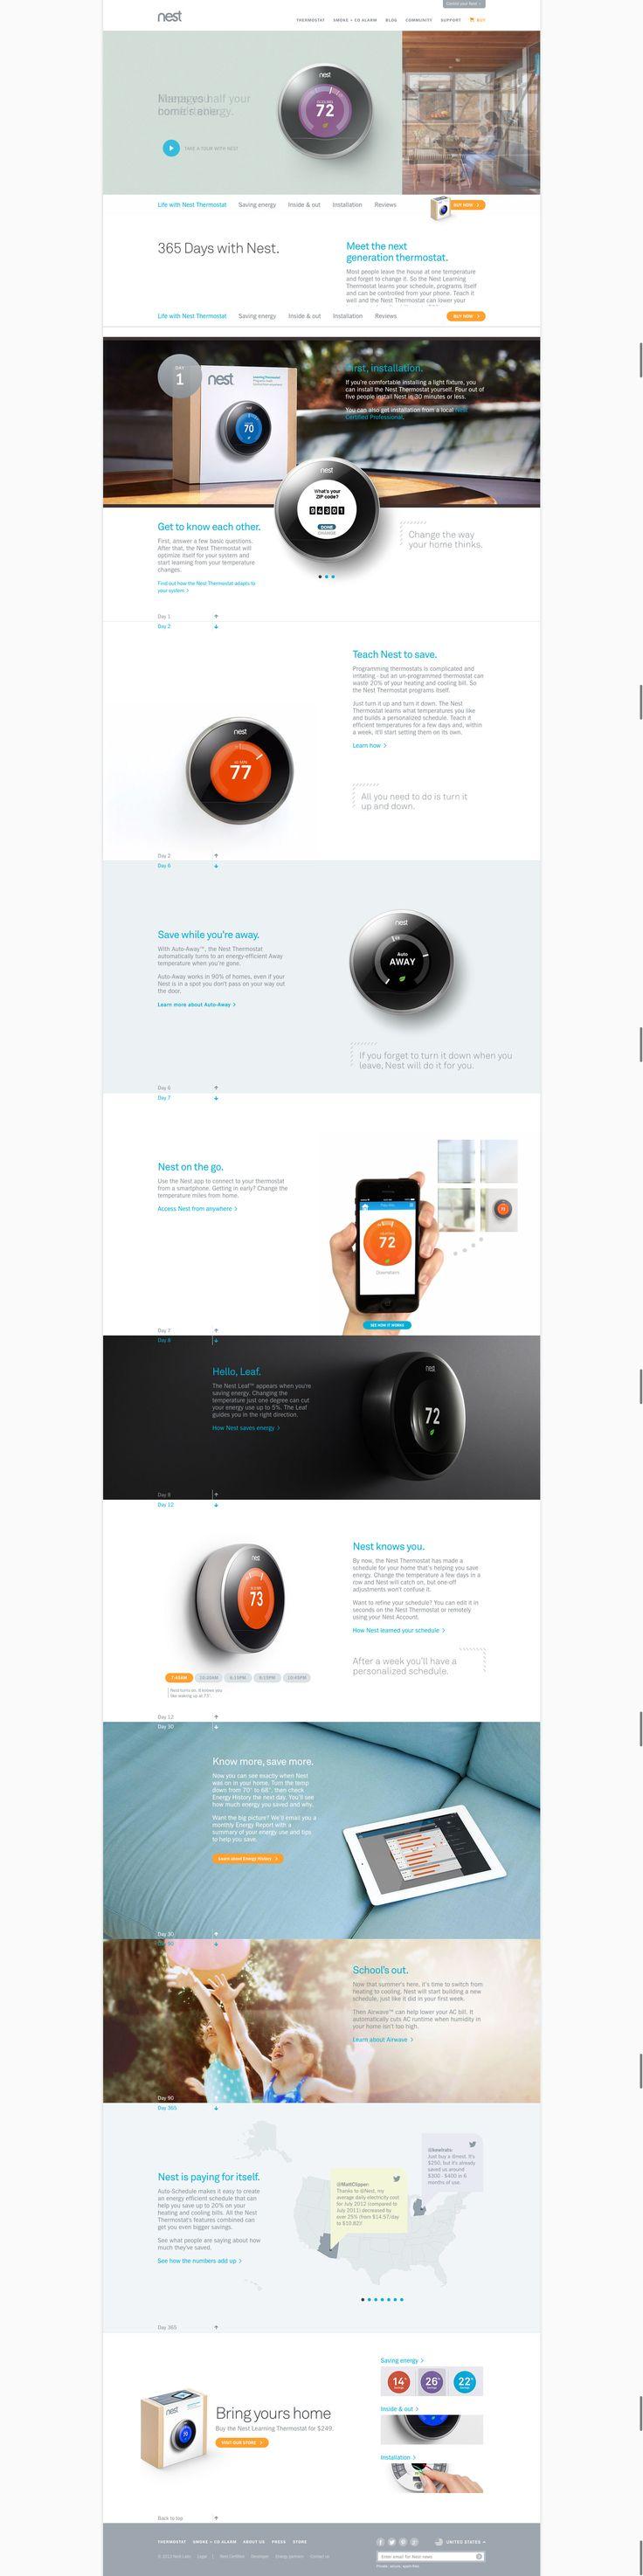 """Nest Thermostat do každé kanceláře. Už žádné návody """"jak ovládat klimatizaci"""". S tímhle to půjde samo ;)"""